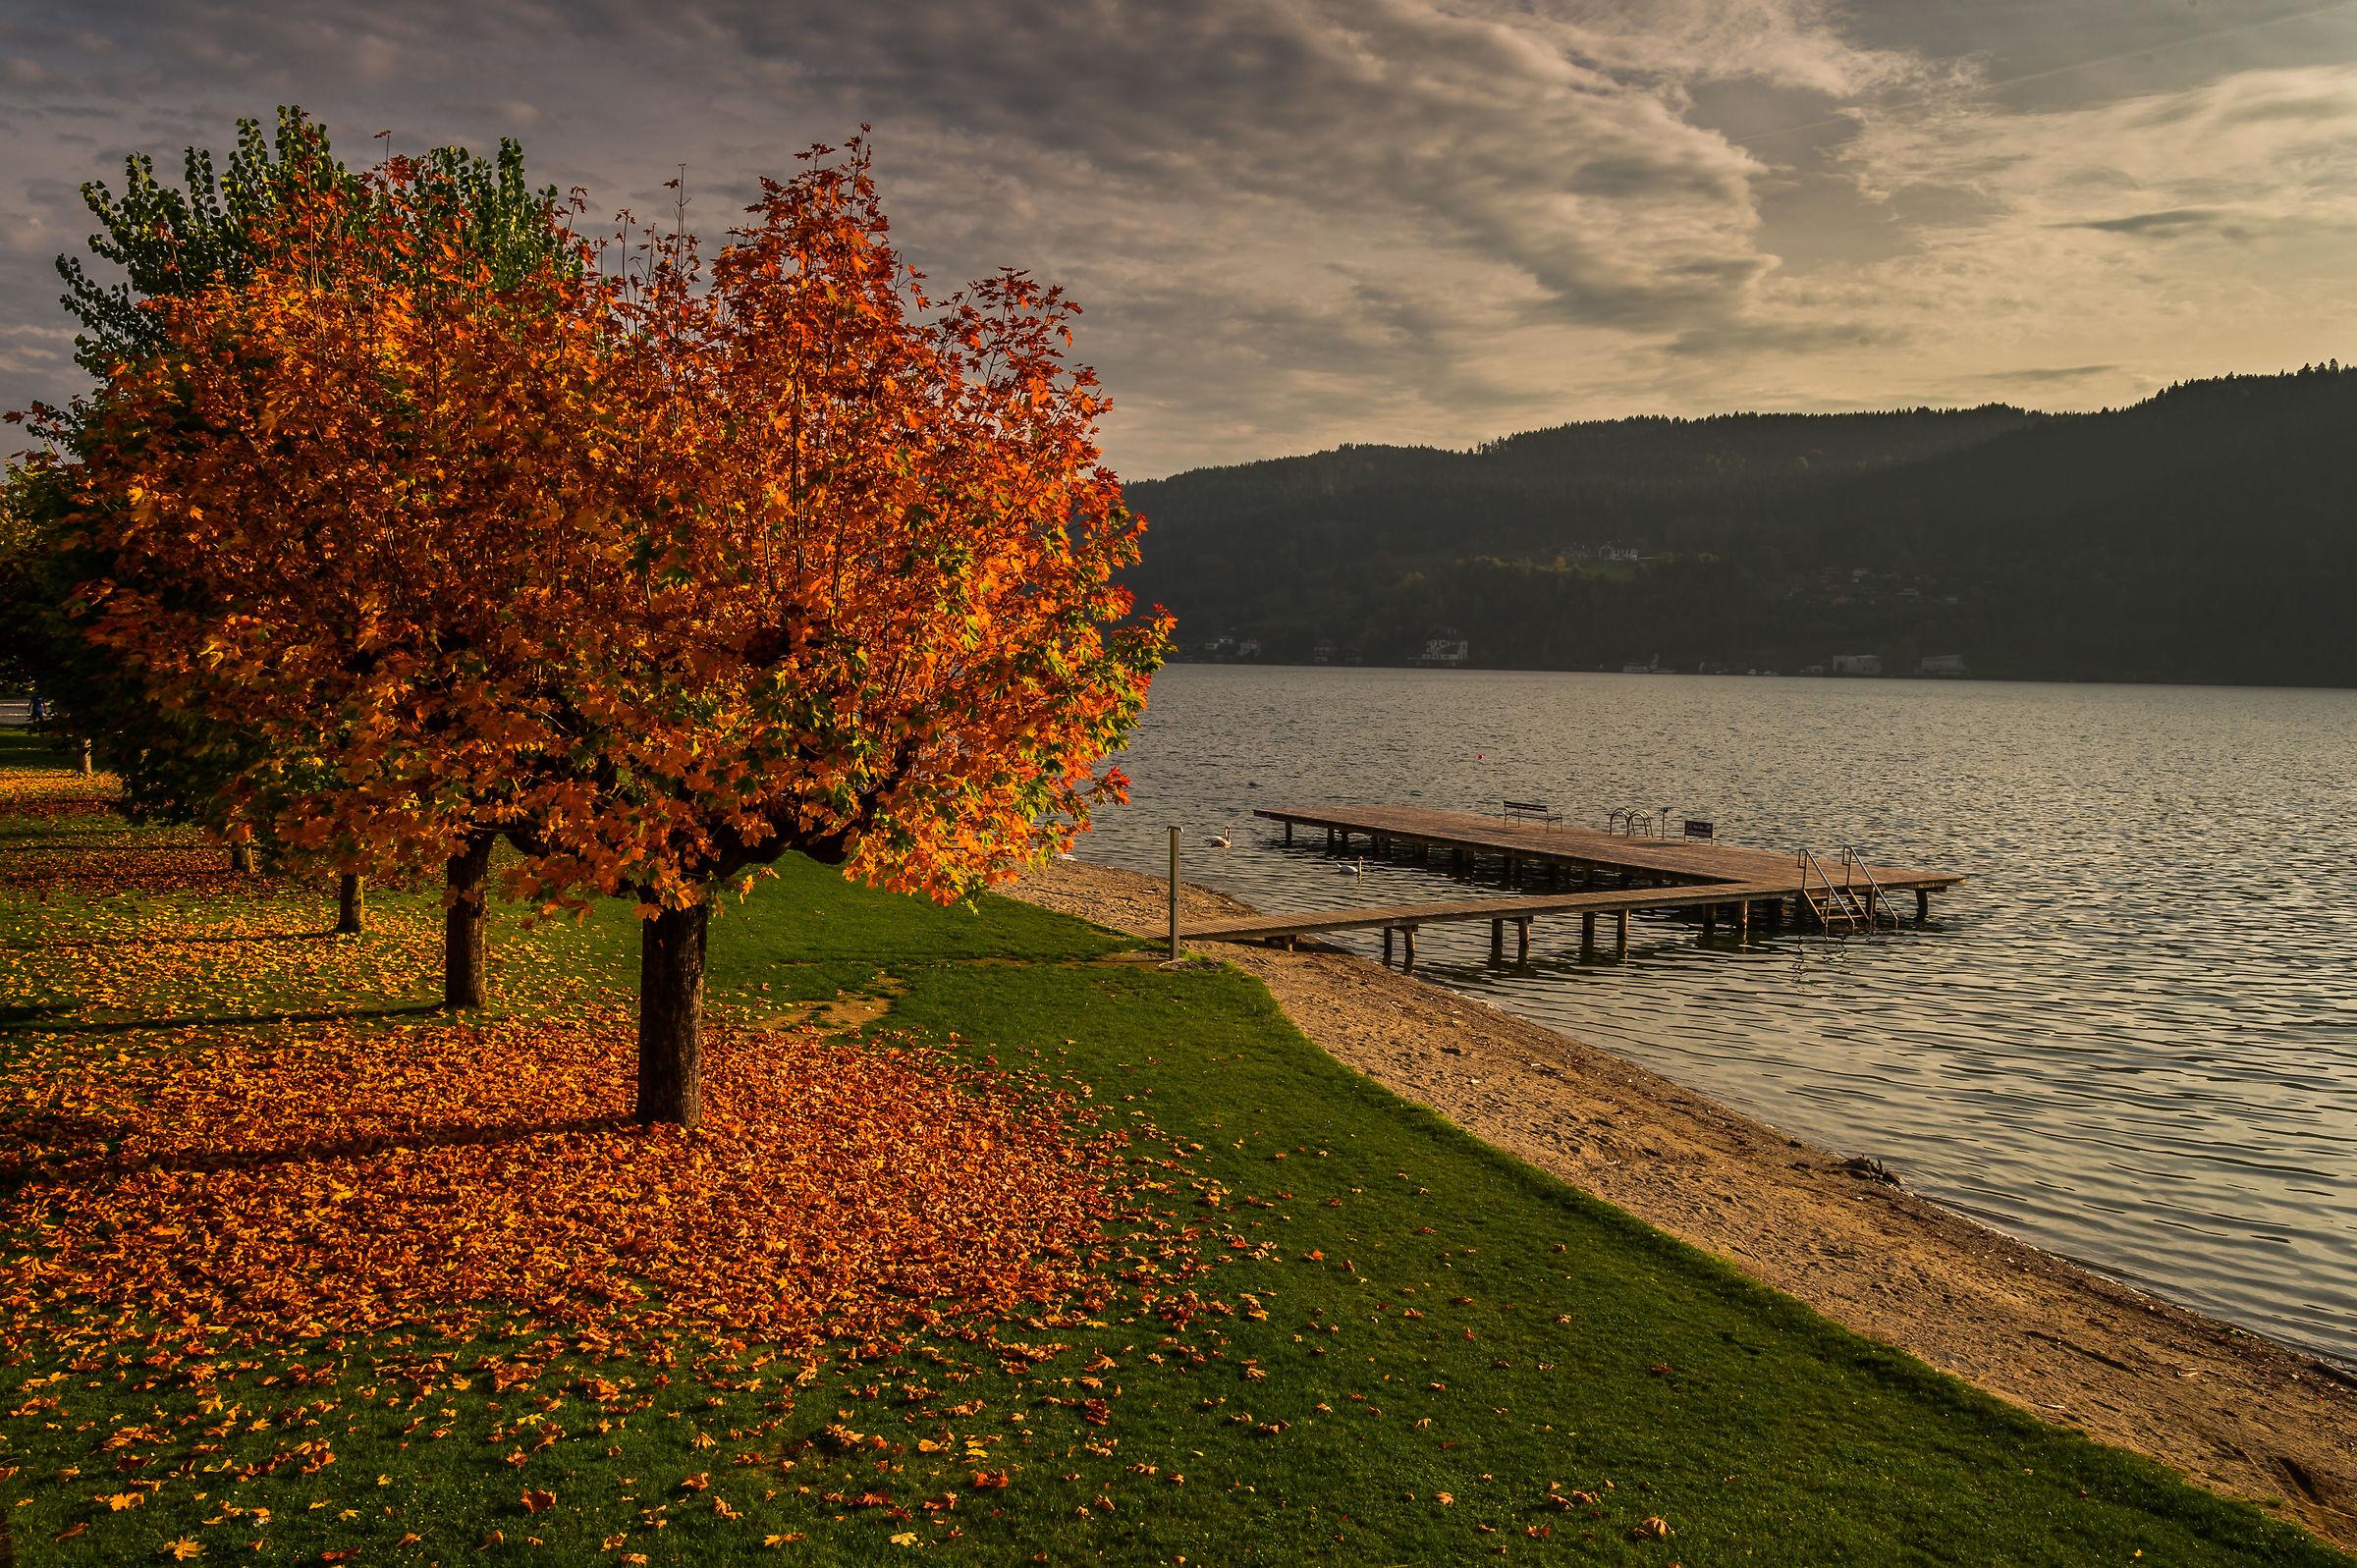 Un tardo pomeriggio al lago.......